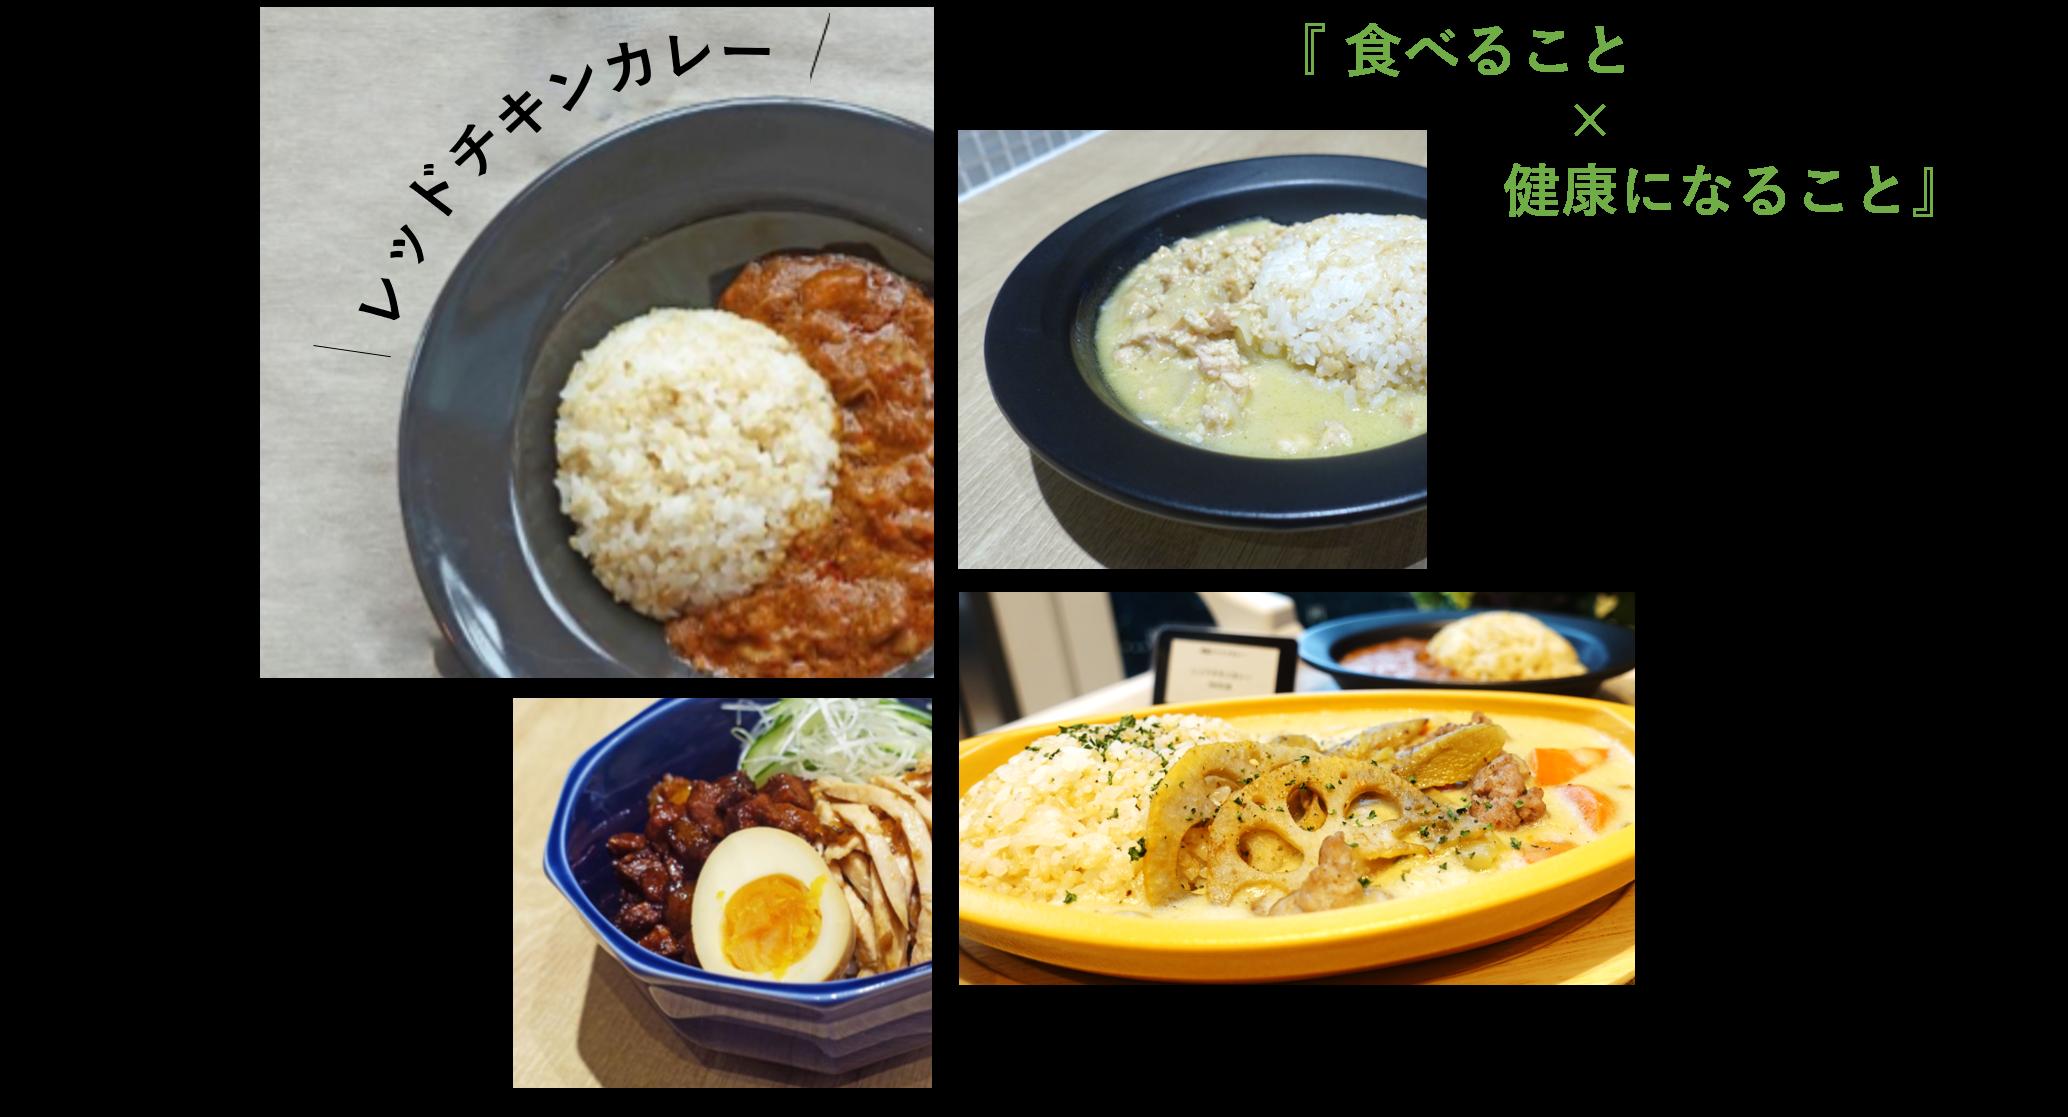 #CAFE105 新メニュー